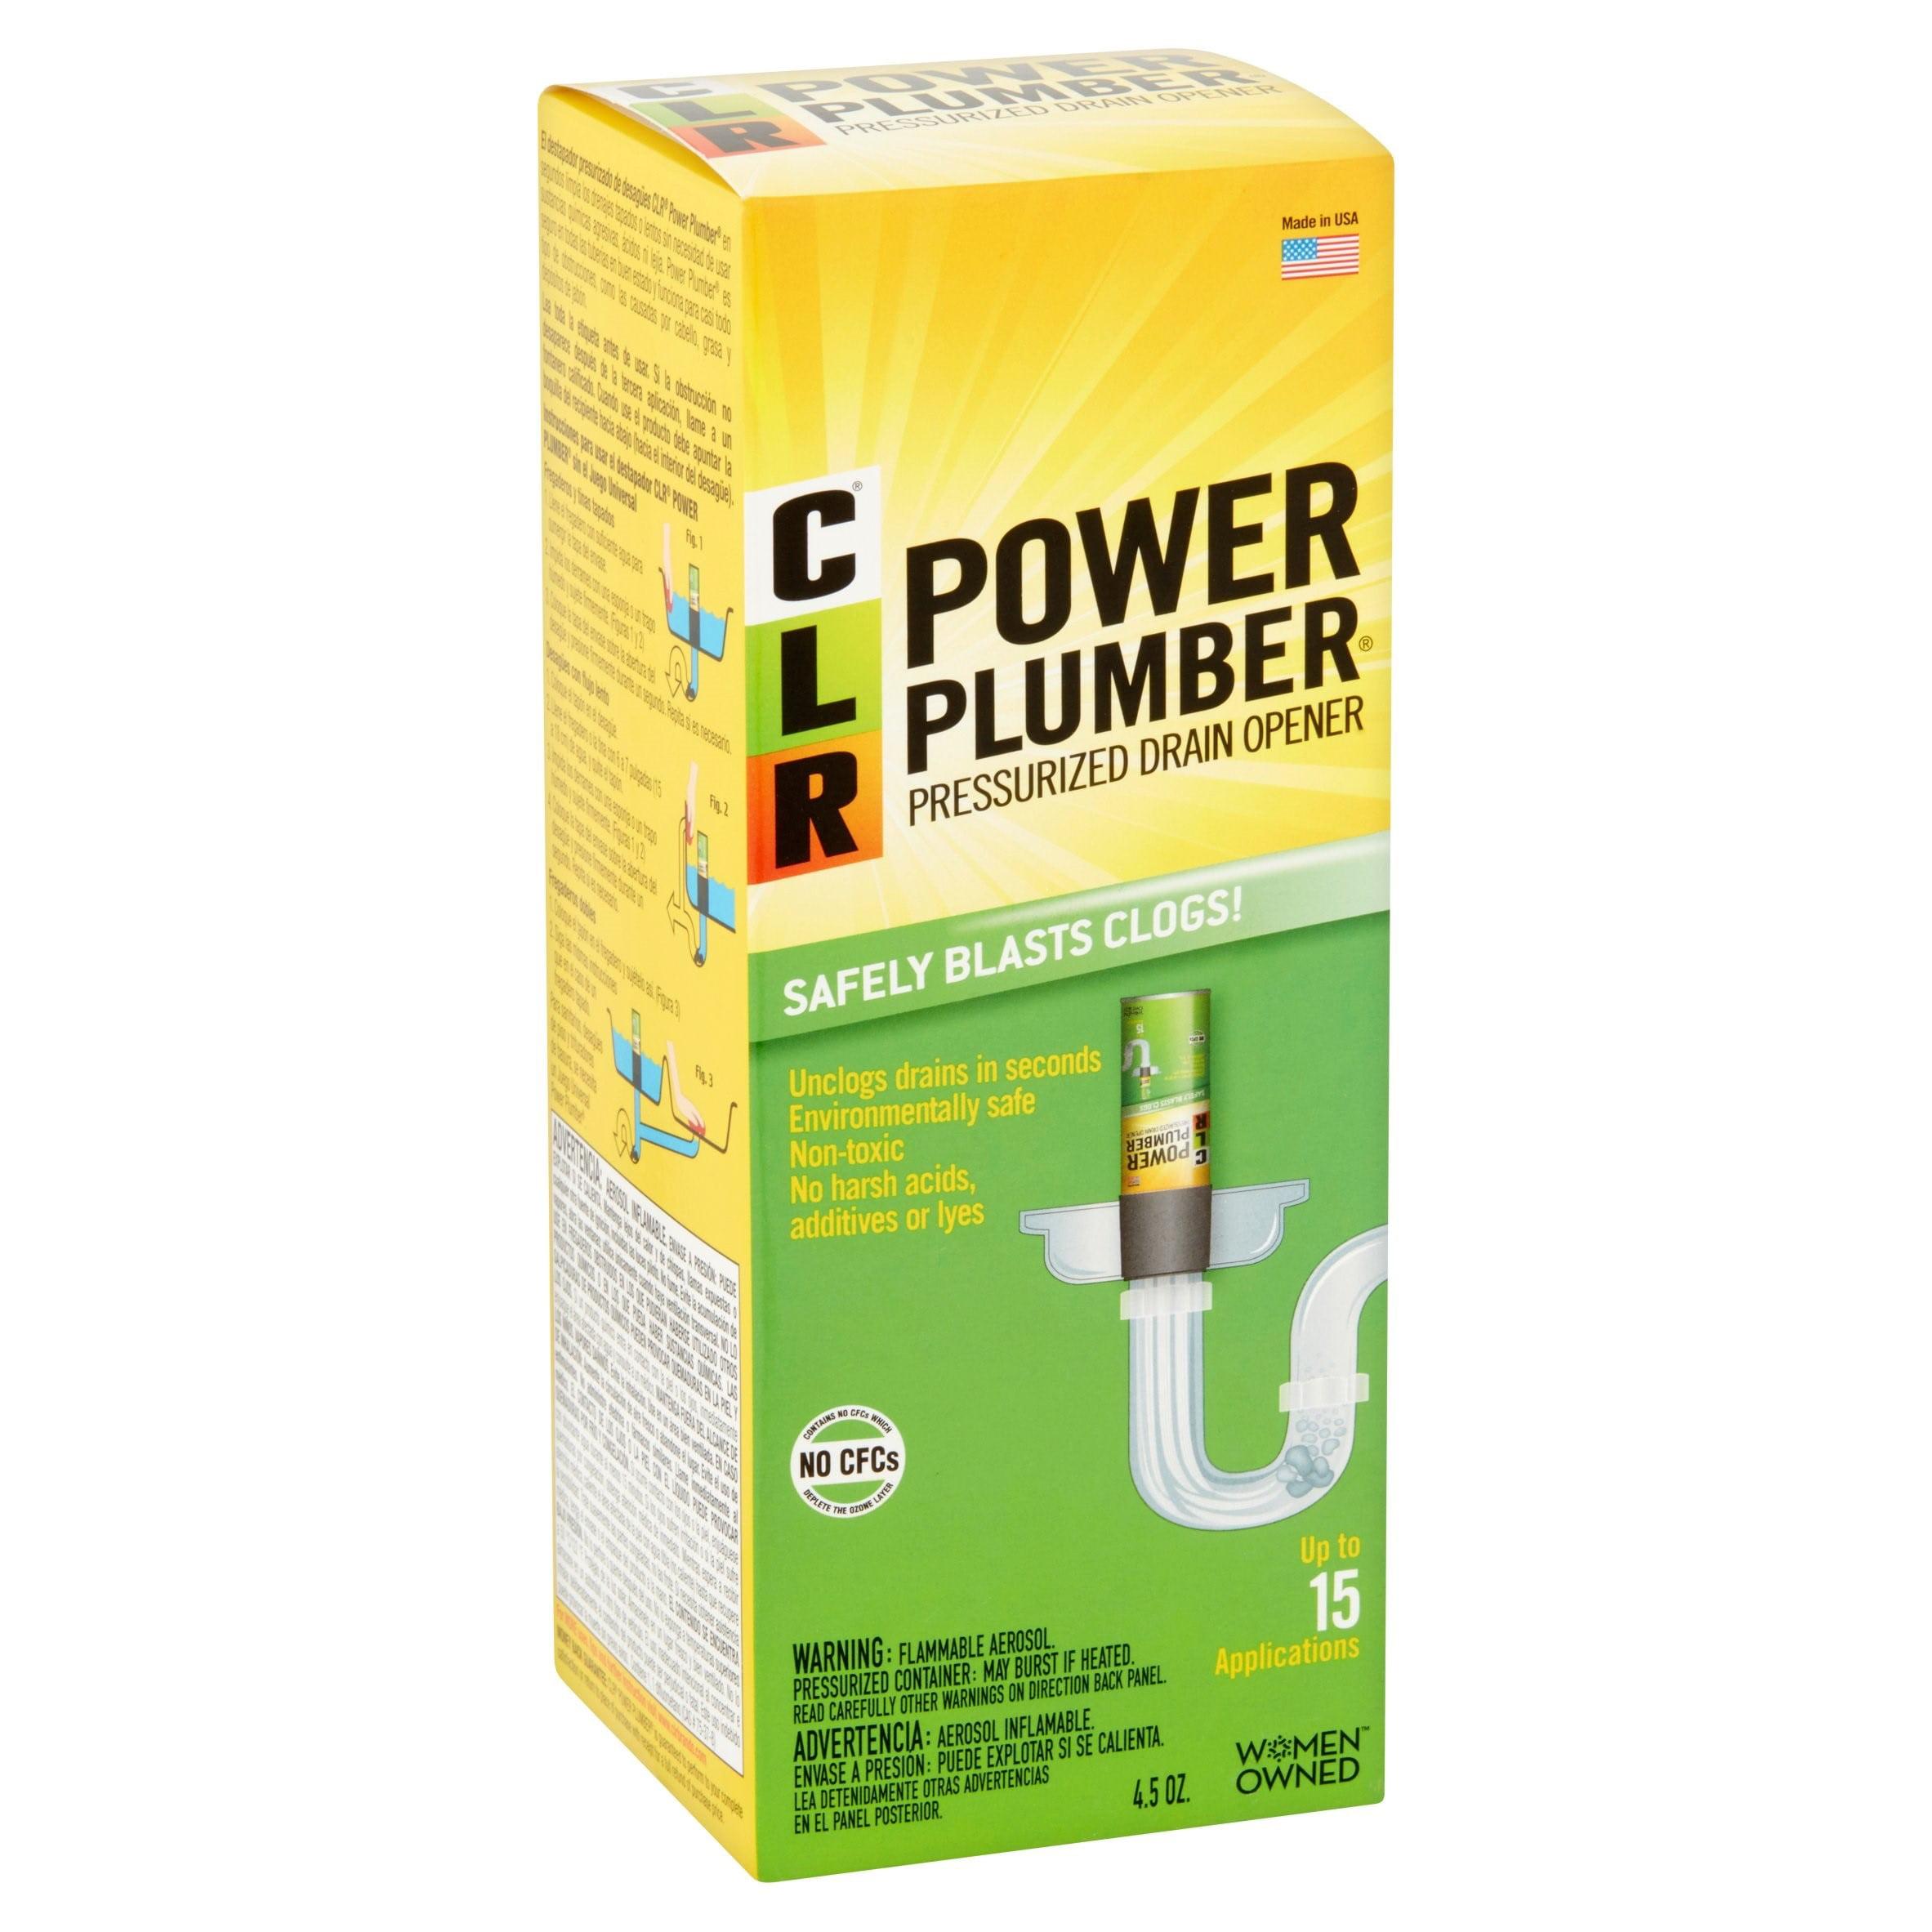 CLR Power Plumber Pressurized Drain Opener, 4.5 Oz